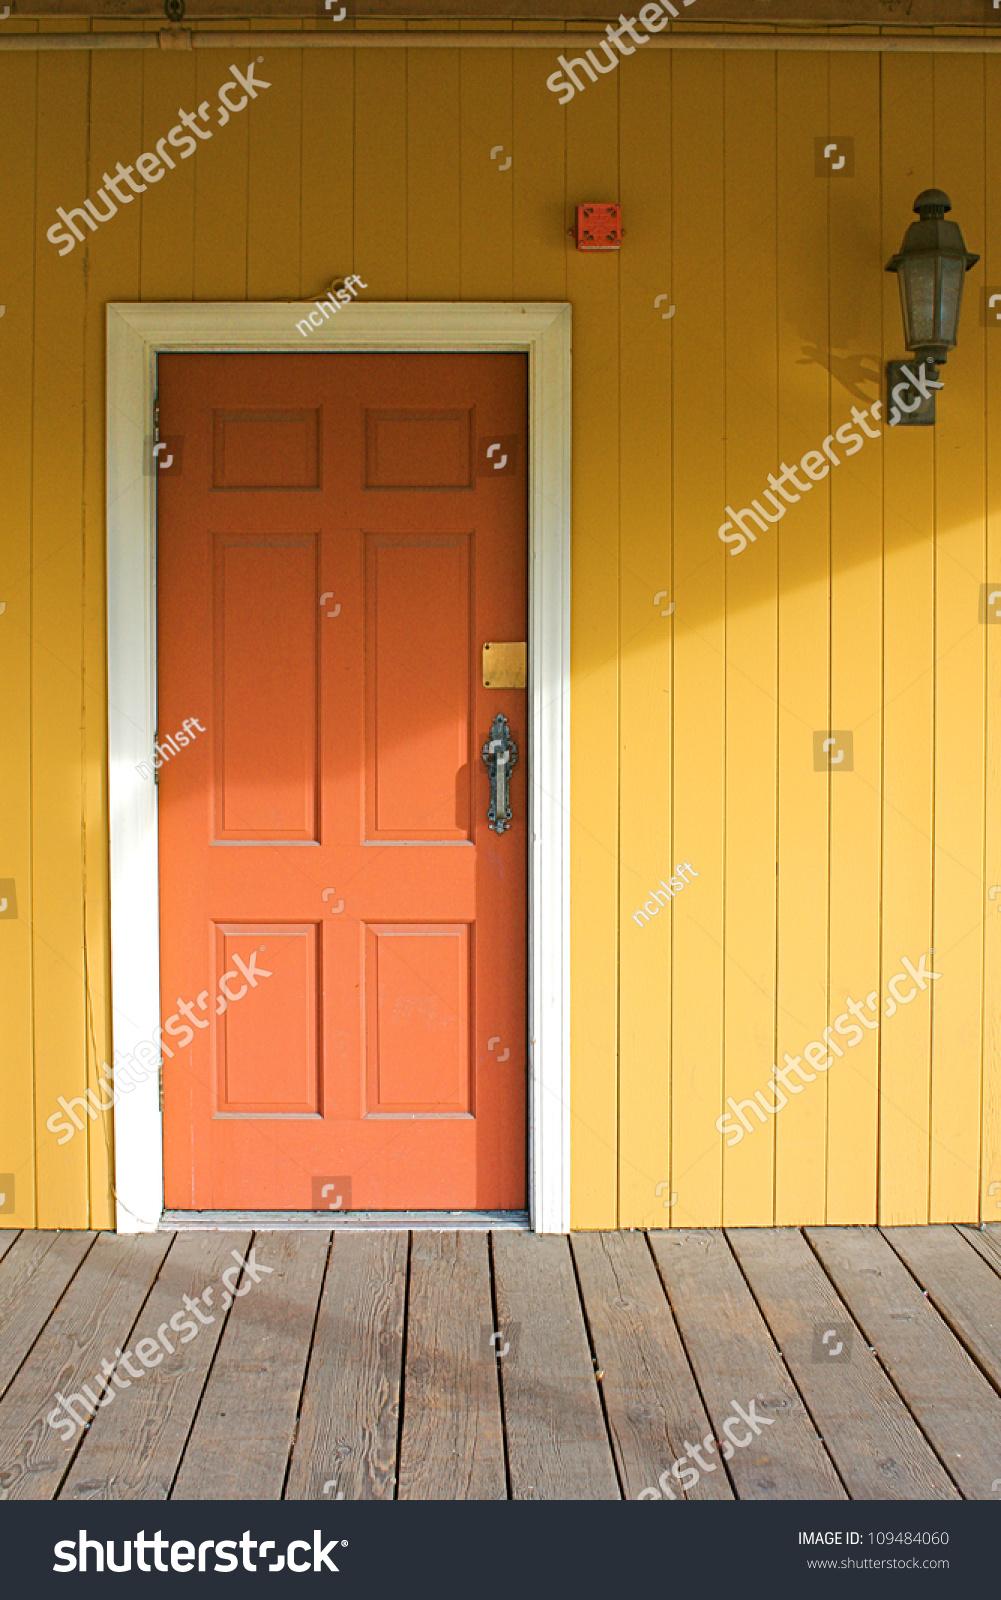 yellow house red door stock photo 109484060 - shutterstock